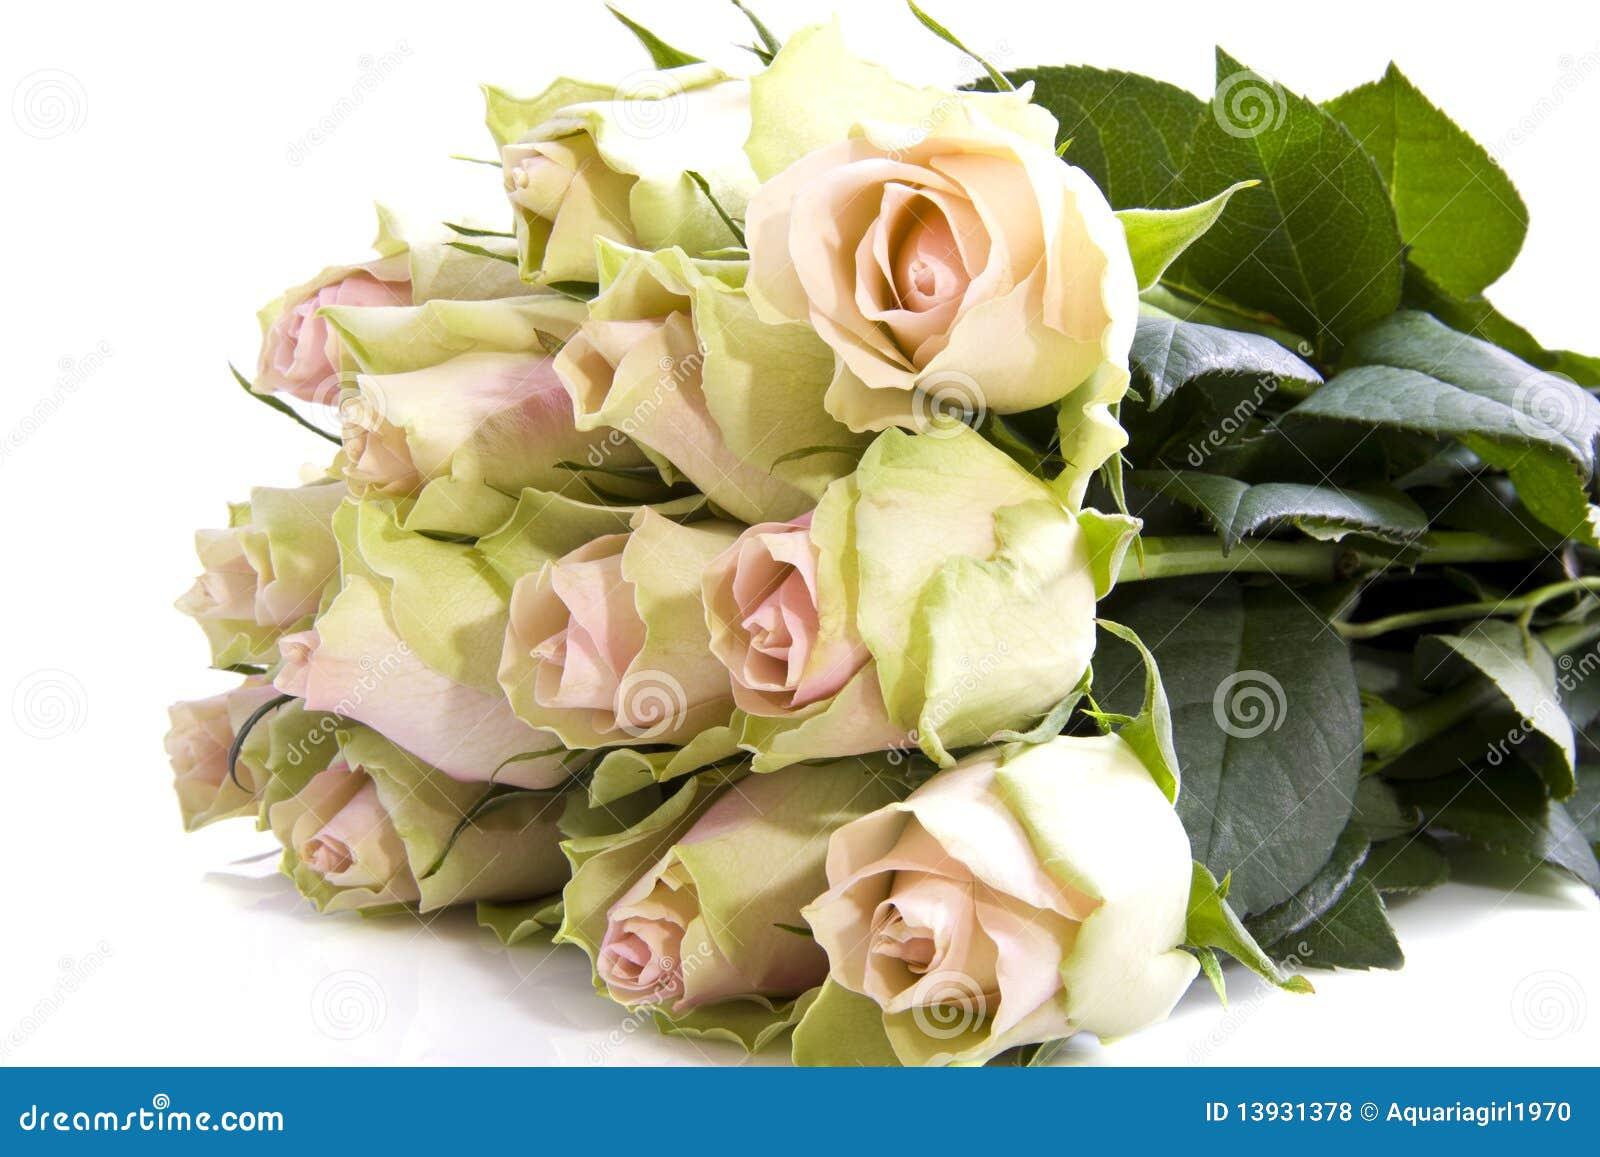 lovely roses stock photo. image of life, white, seasonal - 13931378